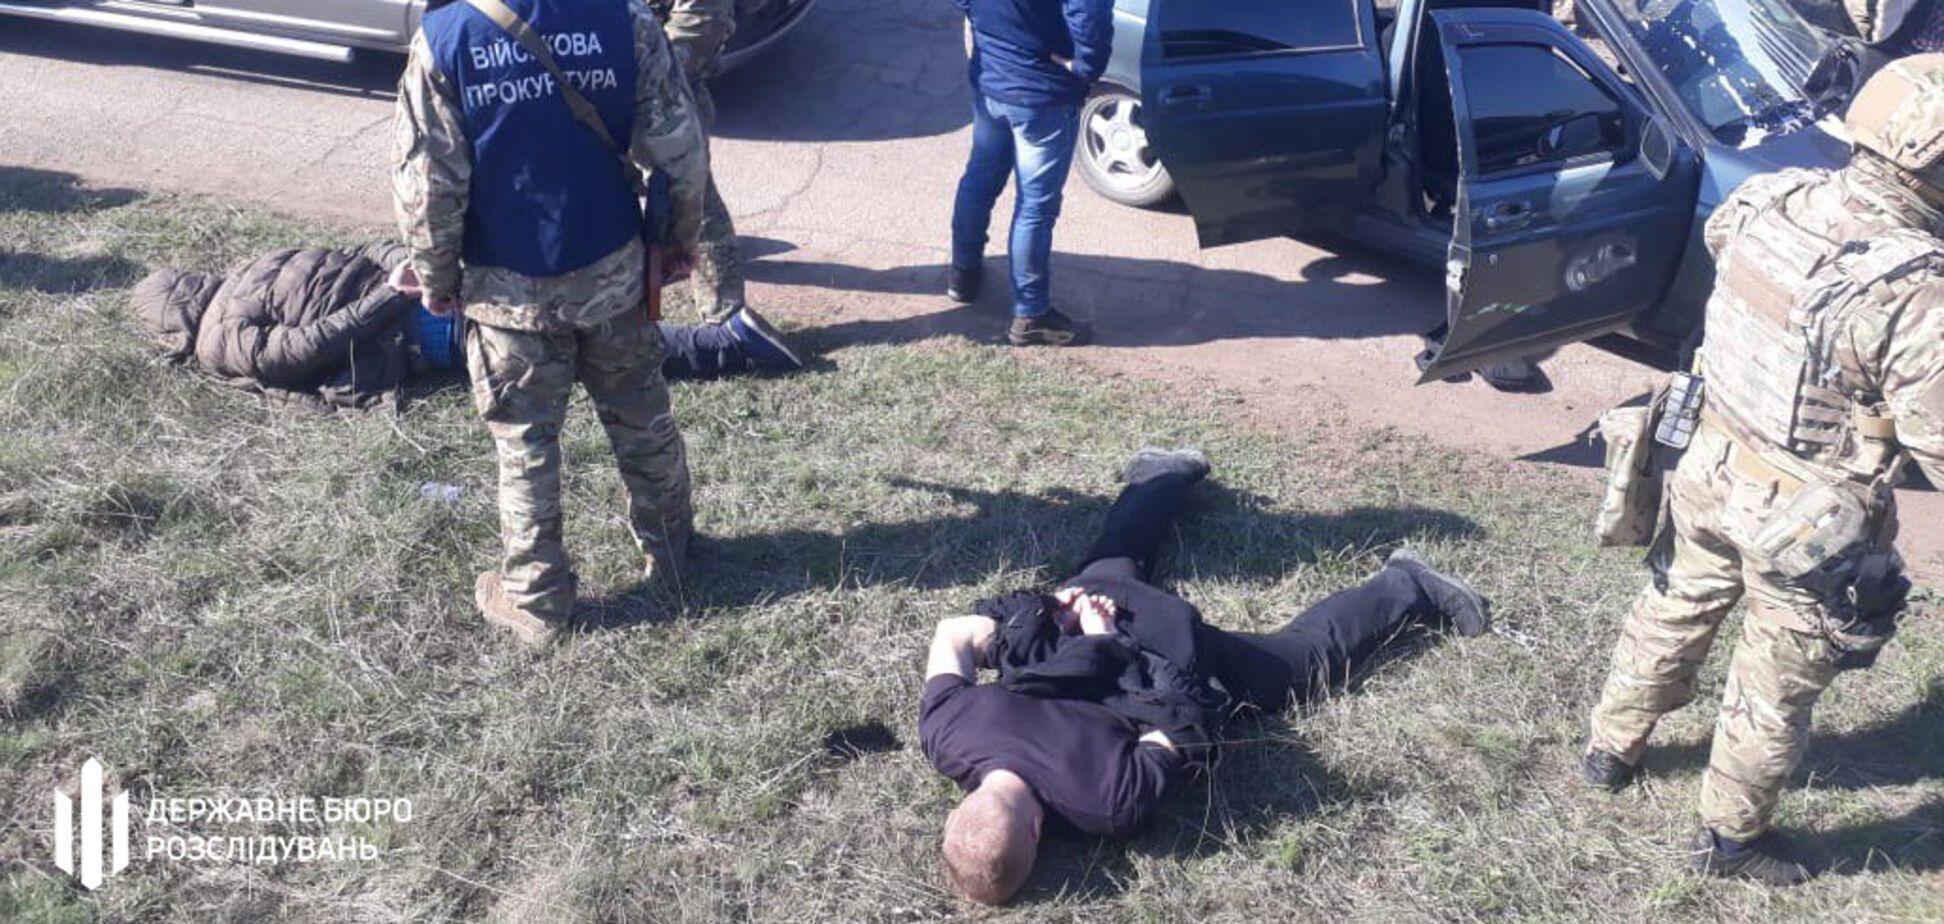 За содействие терроризму задержан подполковник СБУ. Фото